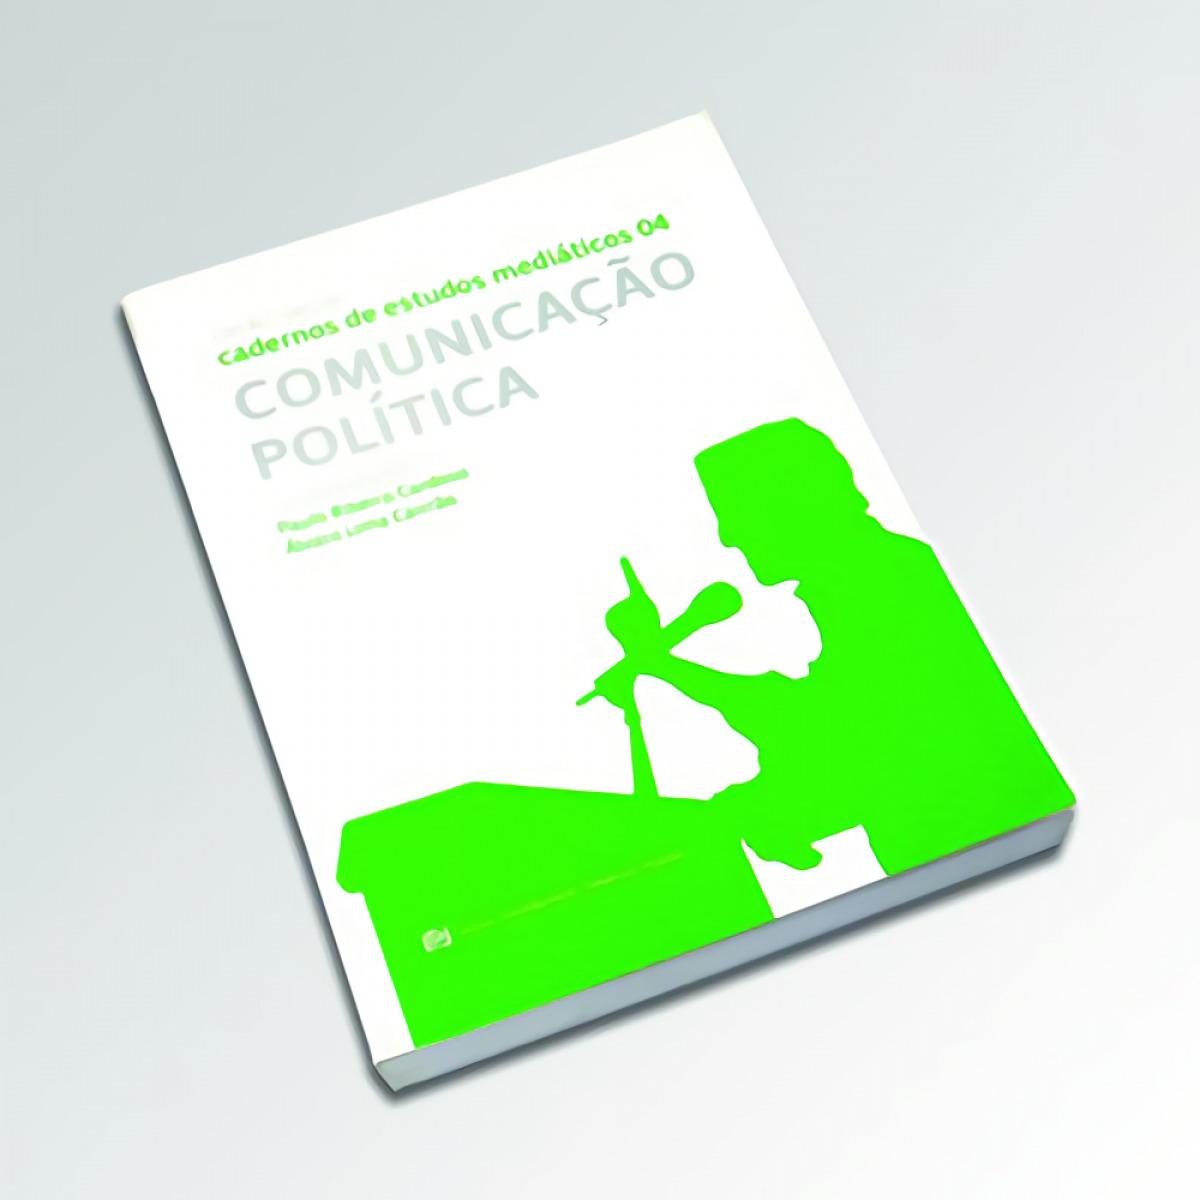 CADERNOS DE ESTUDOS MEDIATICOS IV - ComunicaÇao Política - Ribeiro Cardoso, Paulo / Lima Cairrao, Alvaro